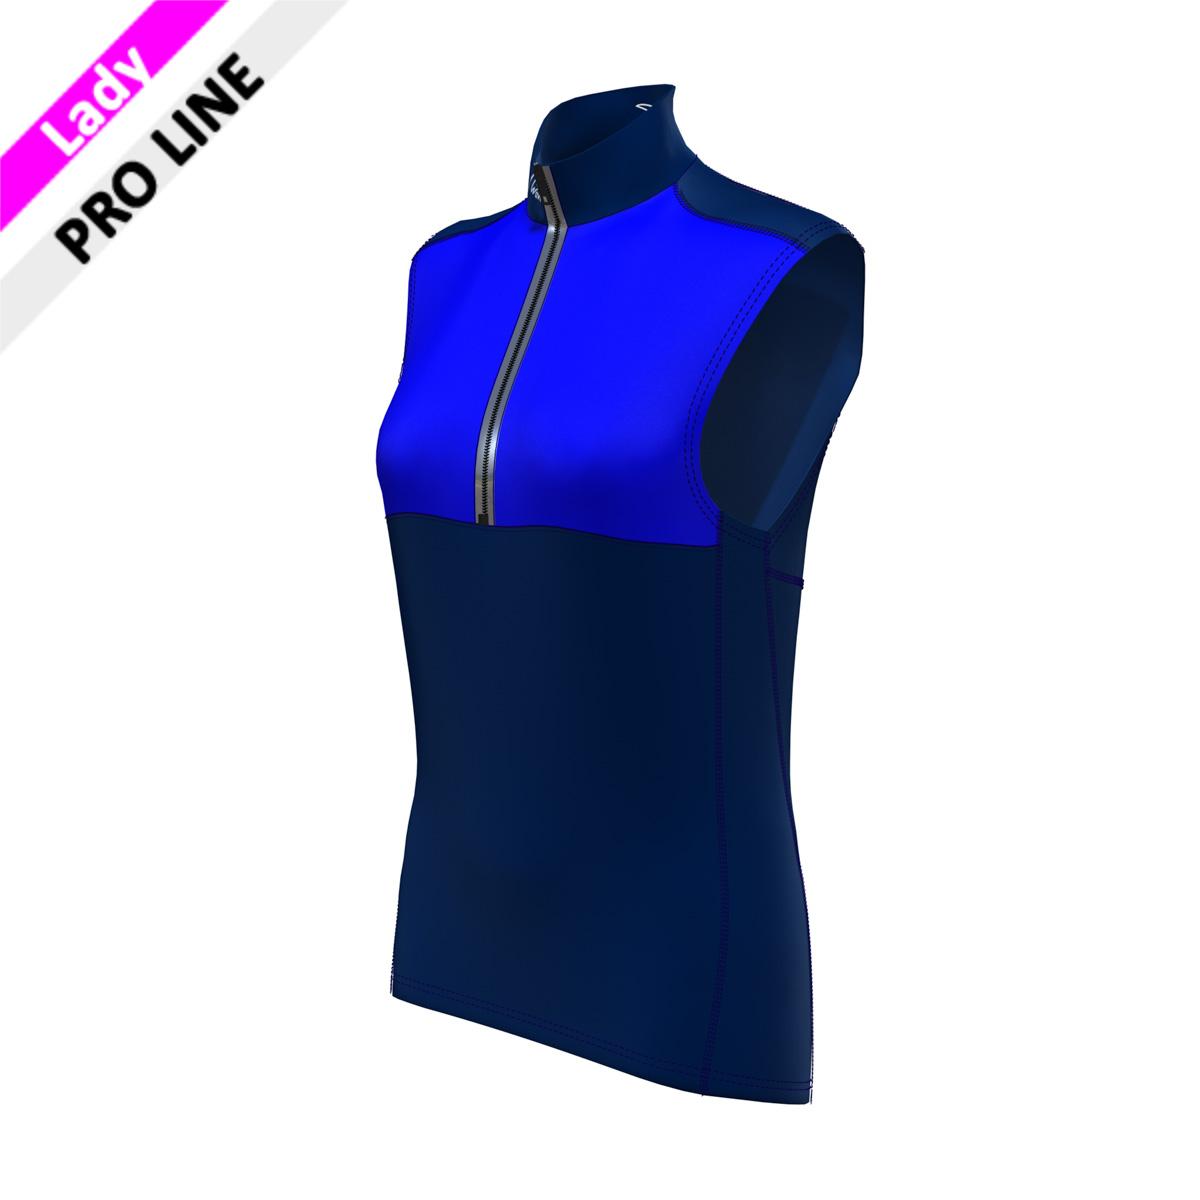 Pro Vest Lady - navy / royal  (Kragen, Bauch, Rücken, Seitenstreifen - marine; Brust royal)